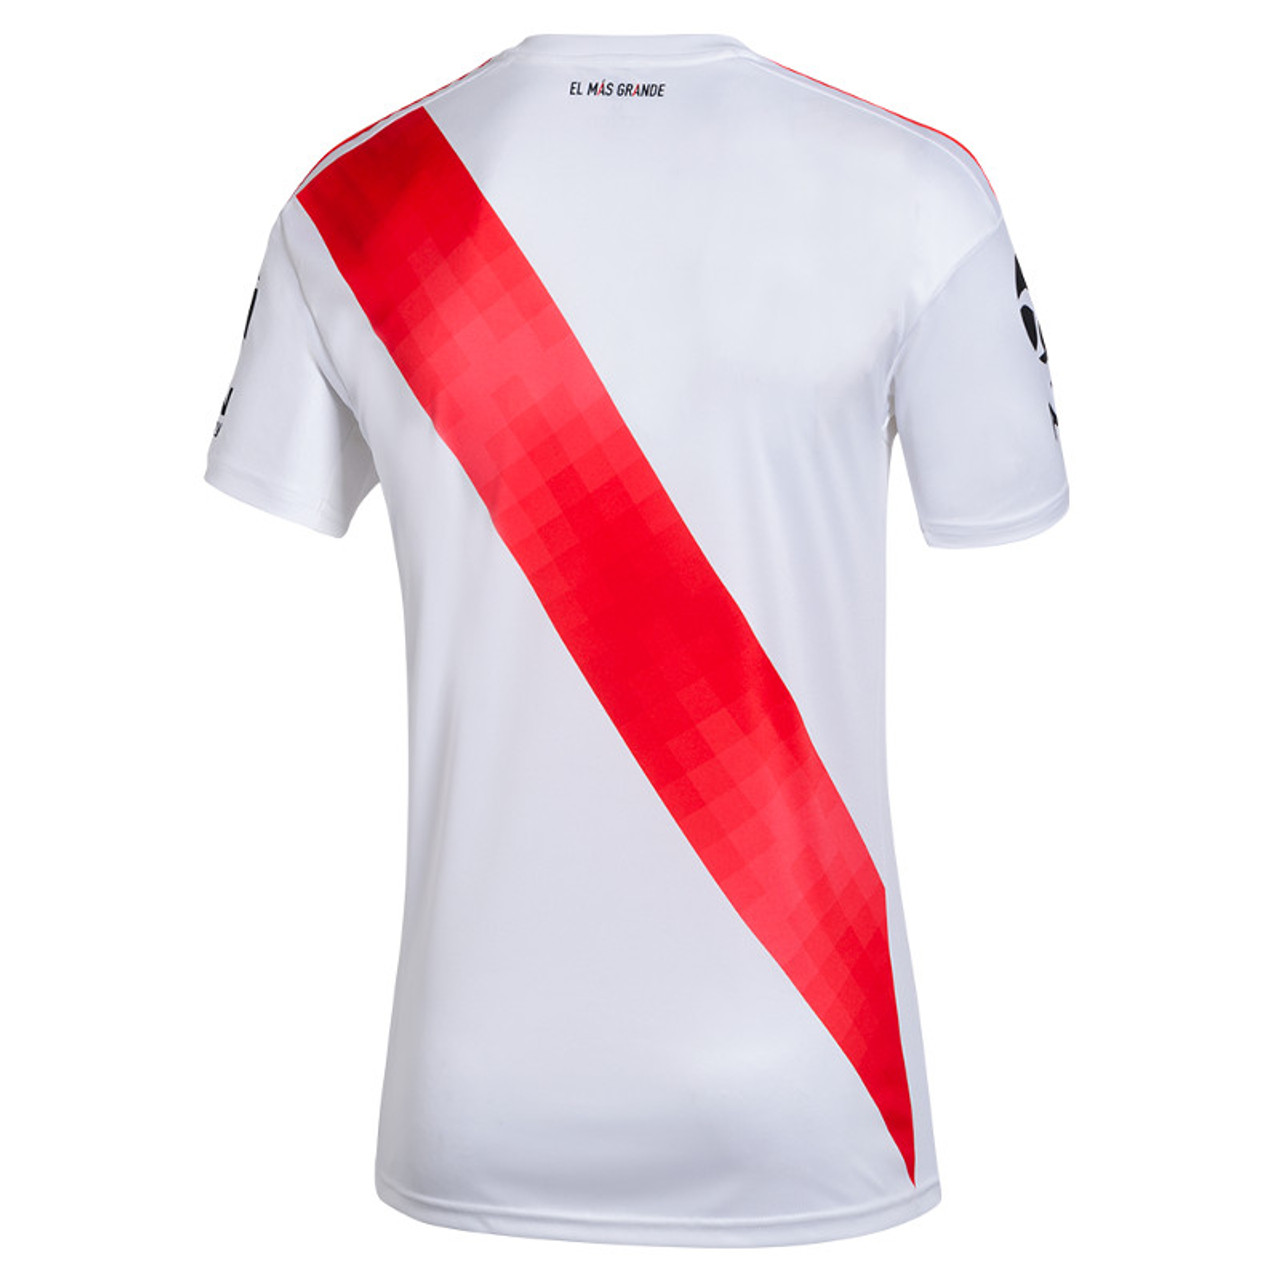 precio atractivo ahorre hasta 60% disfruta del mejor precio River Plate Official Soccer Men's Camiseta Jersey, 2019